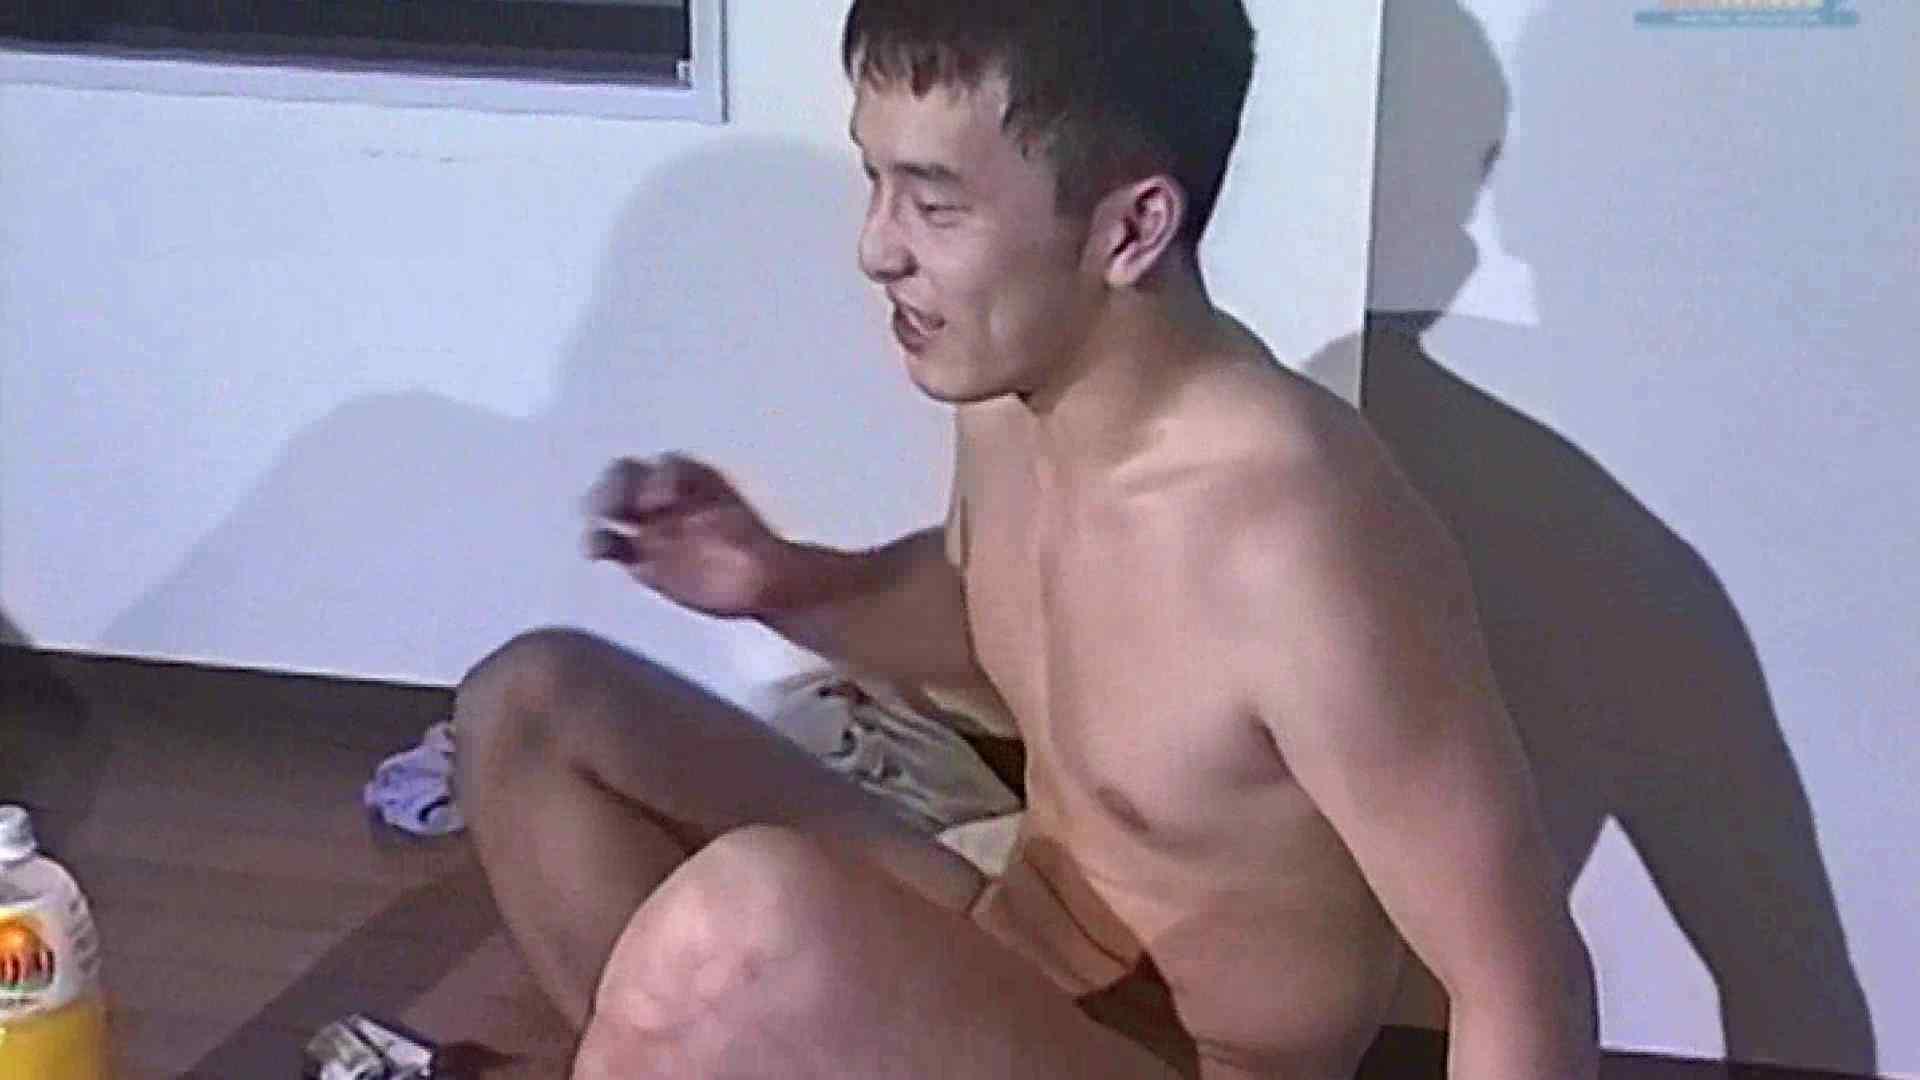 ヤリヤリ野郎共倶楽部vol.13前編 男に首ったけ ゲイえろ動画紹介 52連発 27